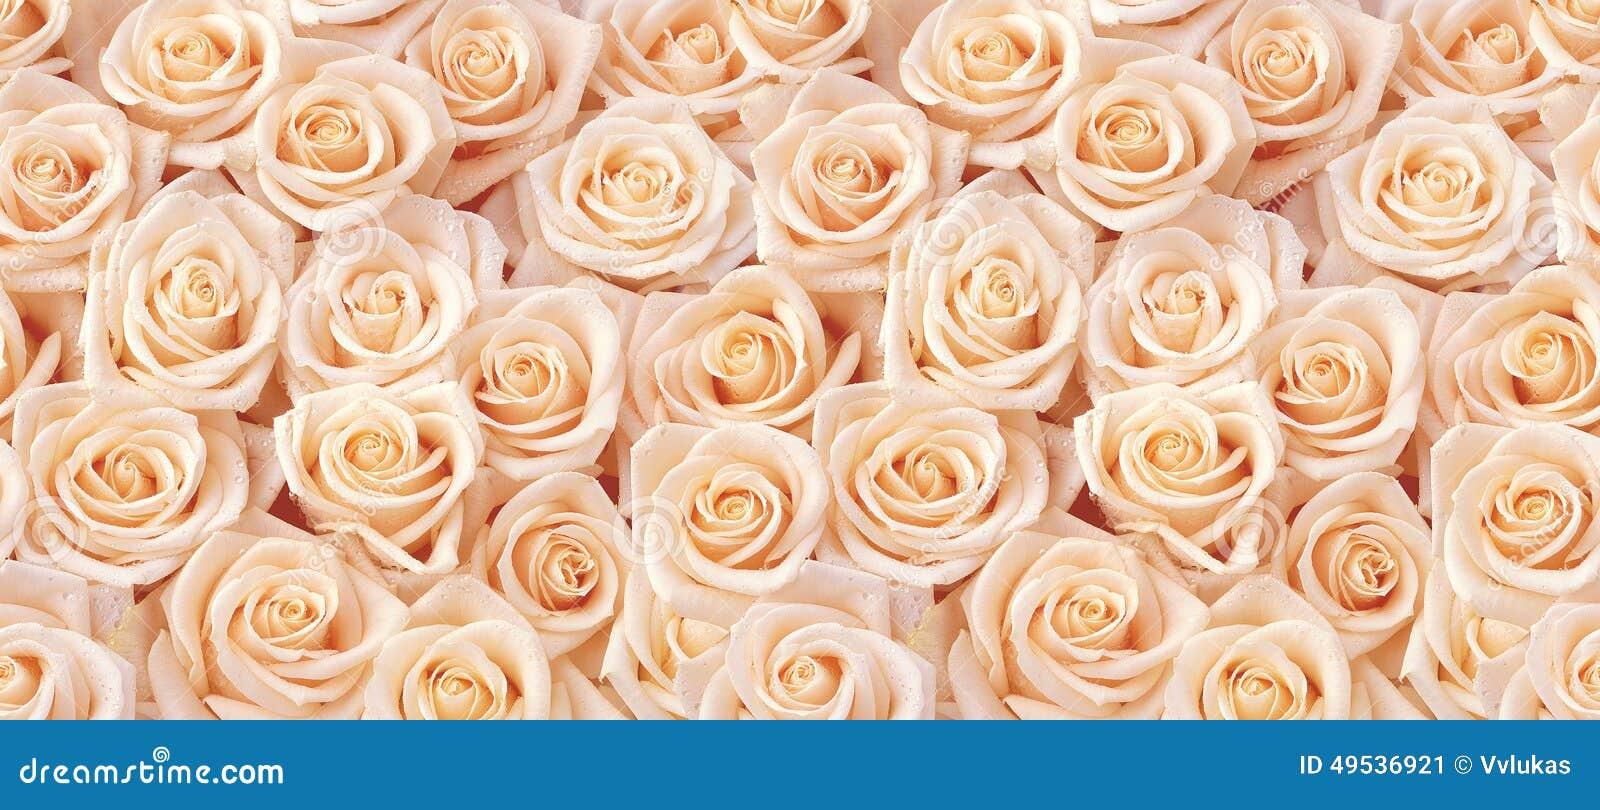 Modelo inconsútil de las rosas beige